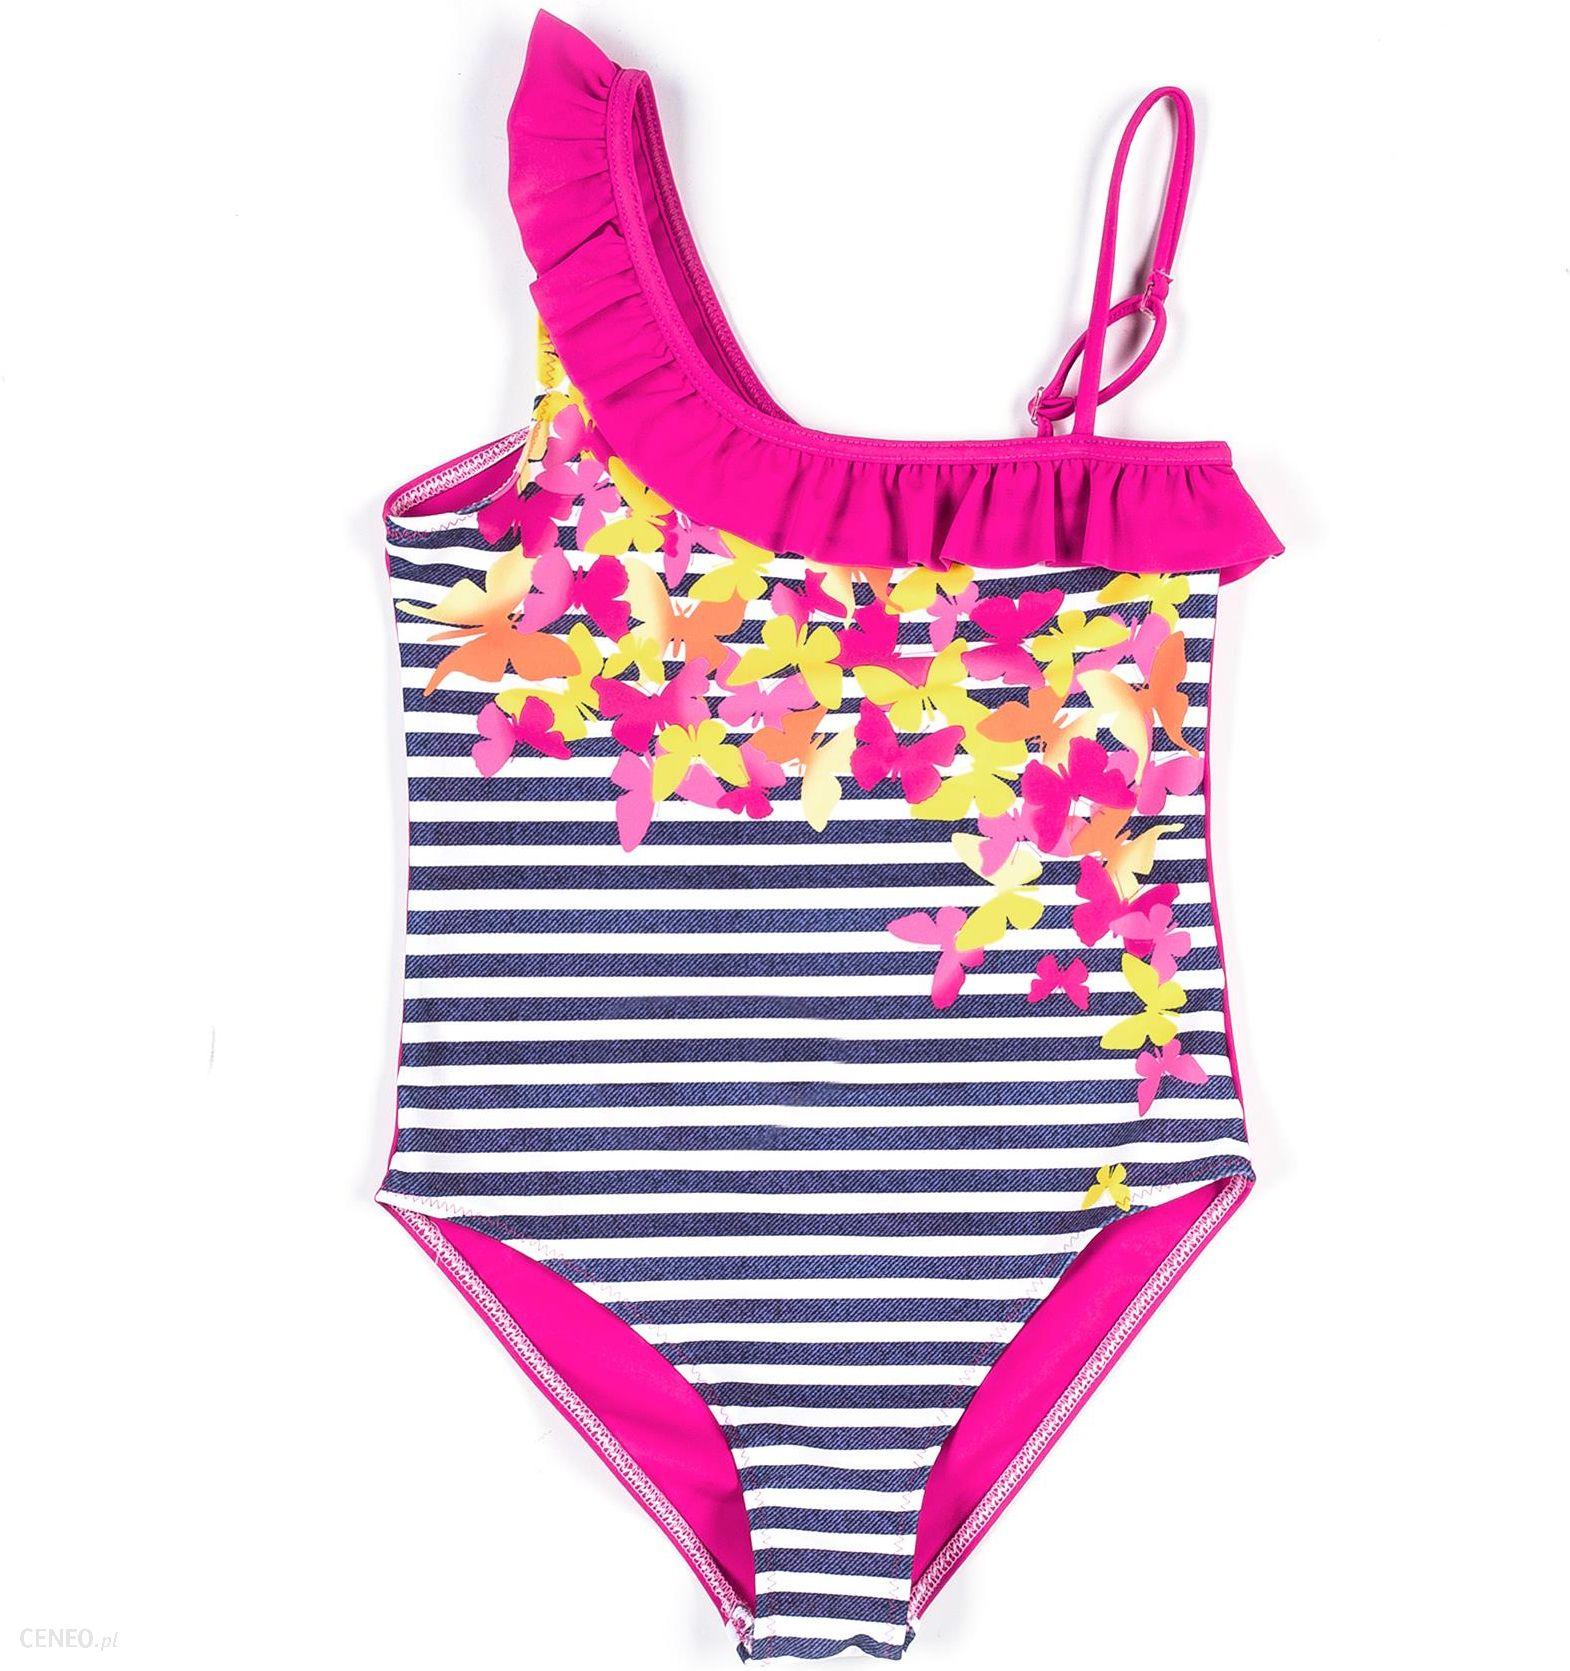 eec626aaecae53 Strój kąpielowy dla dziewczynki Coccodrillo - SWIMMING COSTUMES - zdjęcie 1